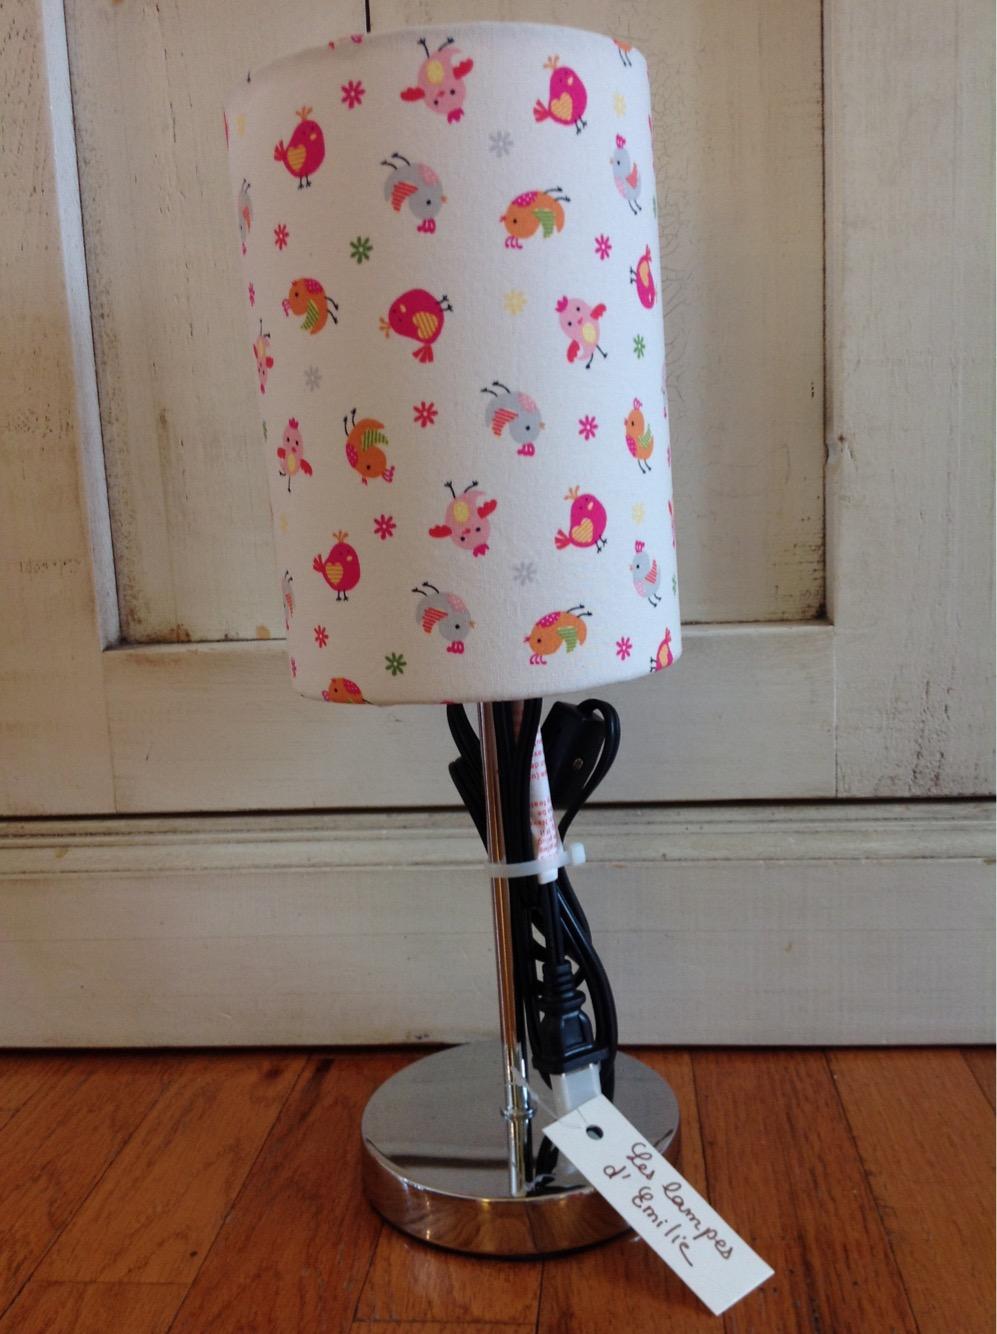 Oiseaux Kids Lampe – Les RosePink Pour Lamp Lampes Enfants Birds OiXZuPk